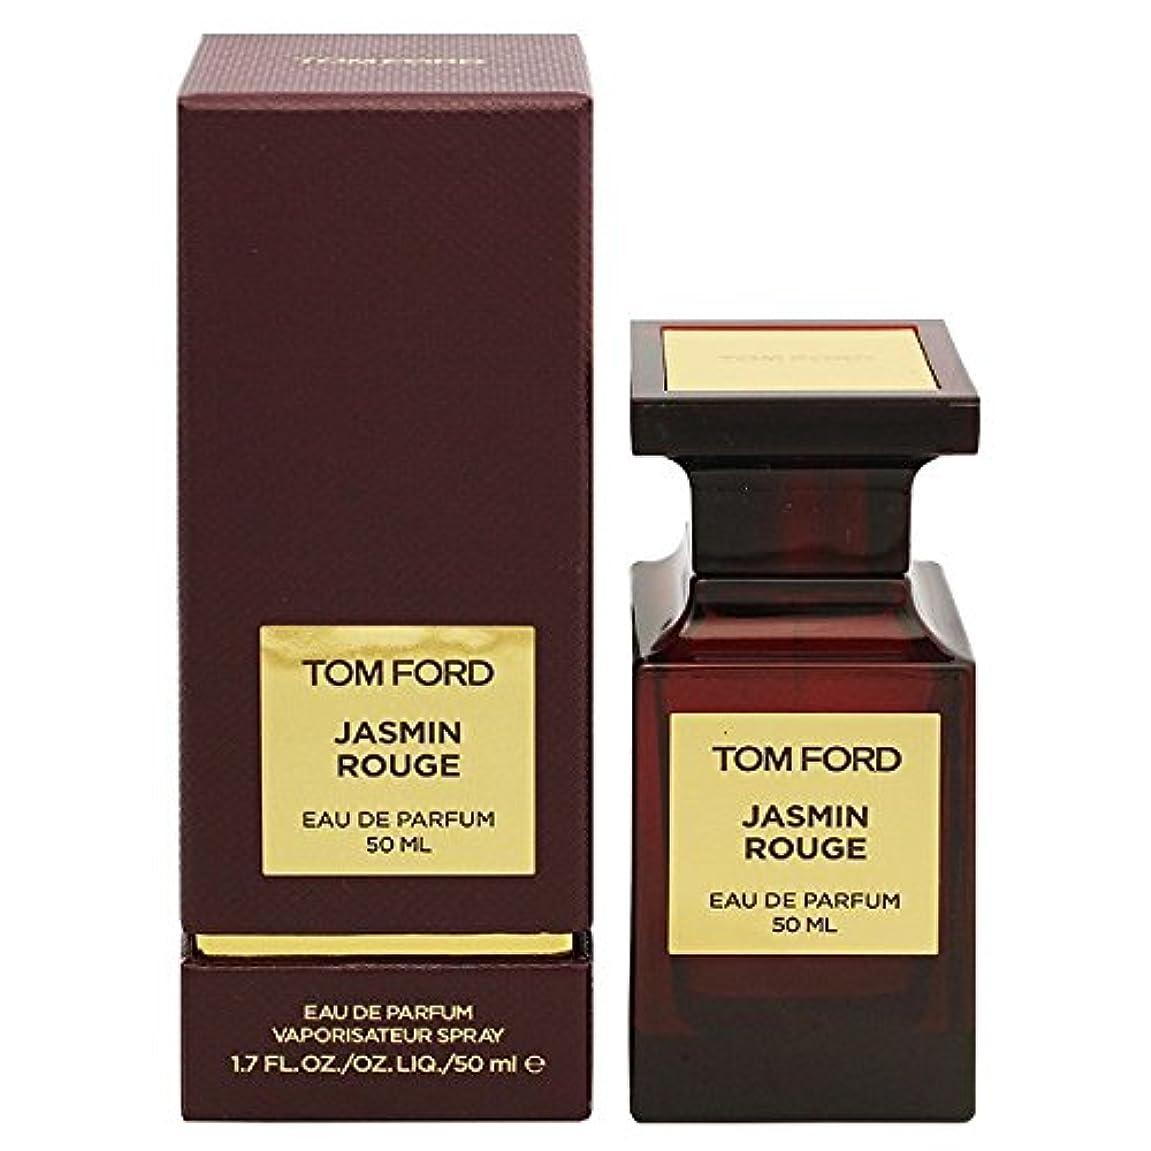 傾いた取り戻す慎重にトムフォード TOM FORD 香水 ジャスミン ルージュ オード パルファム 50ml レディース [並行輸入品]